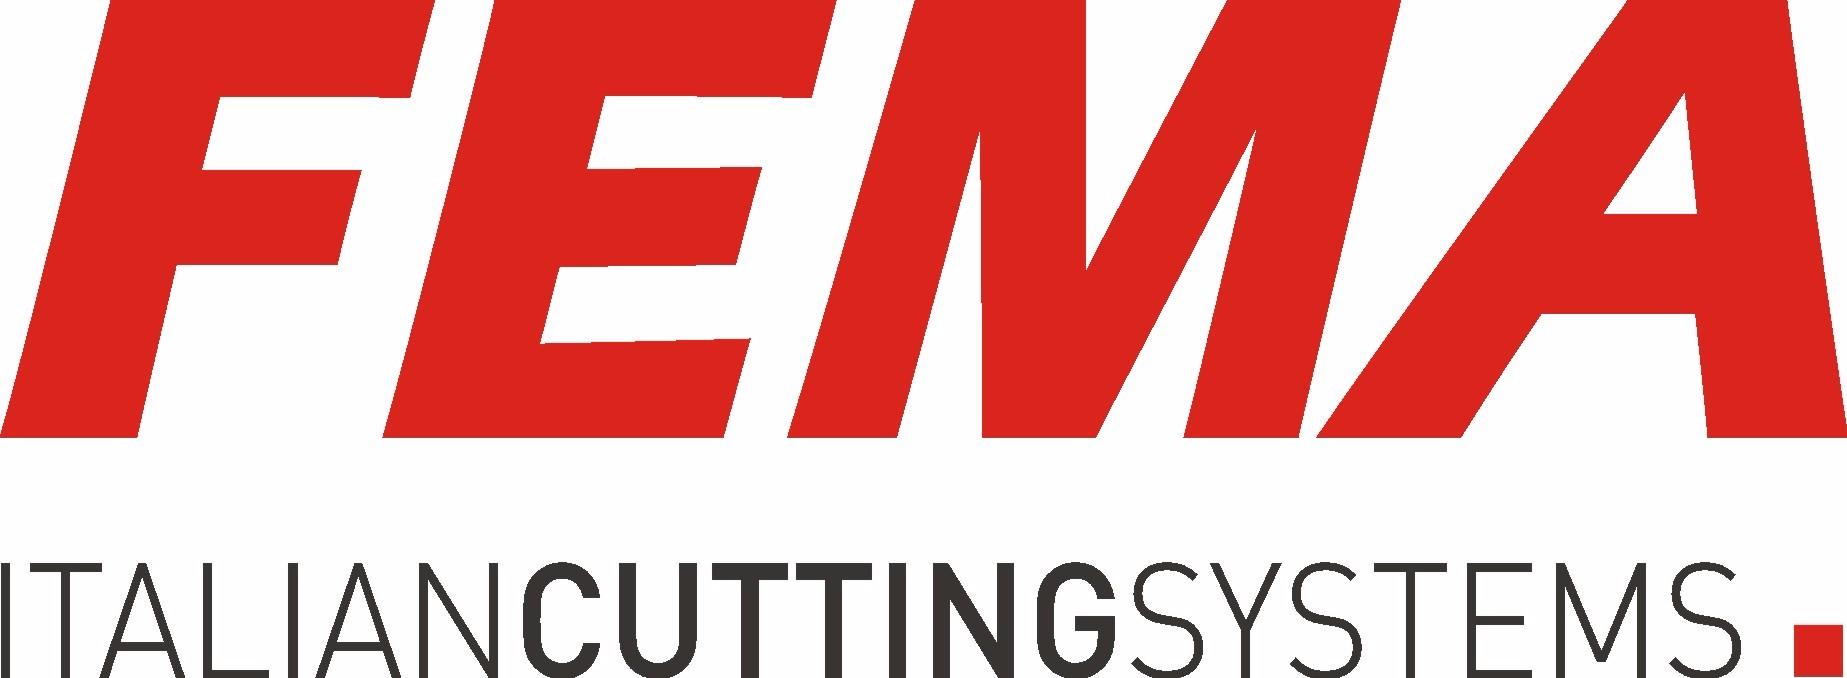 Fema industry - Italian Cutting Systems